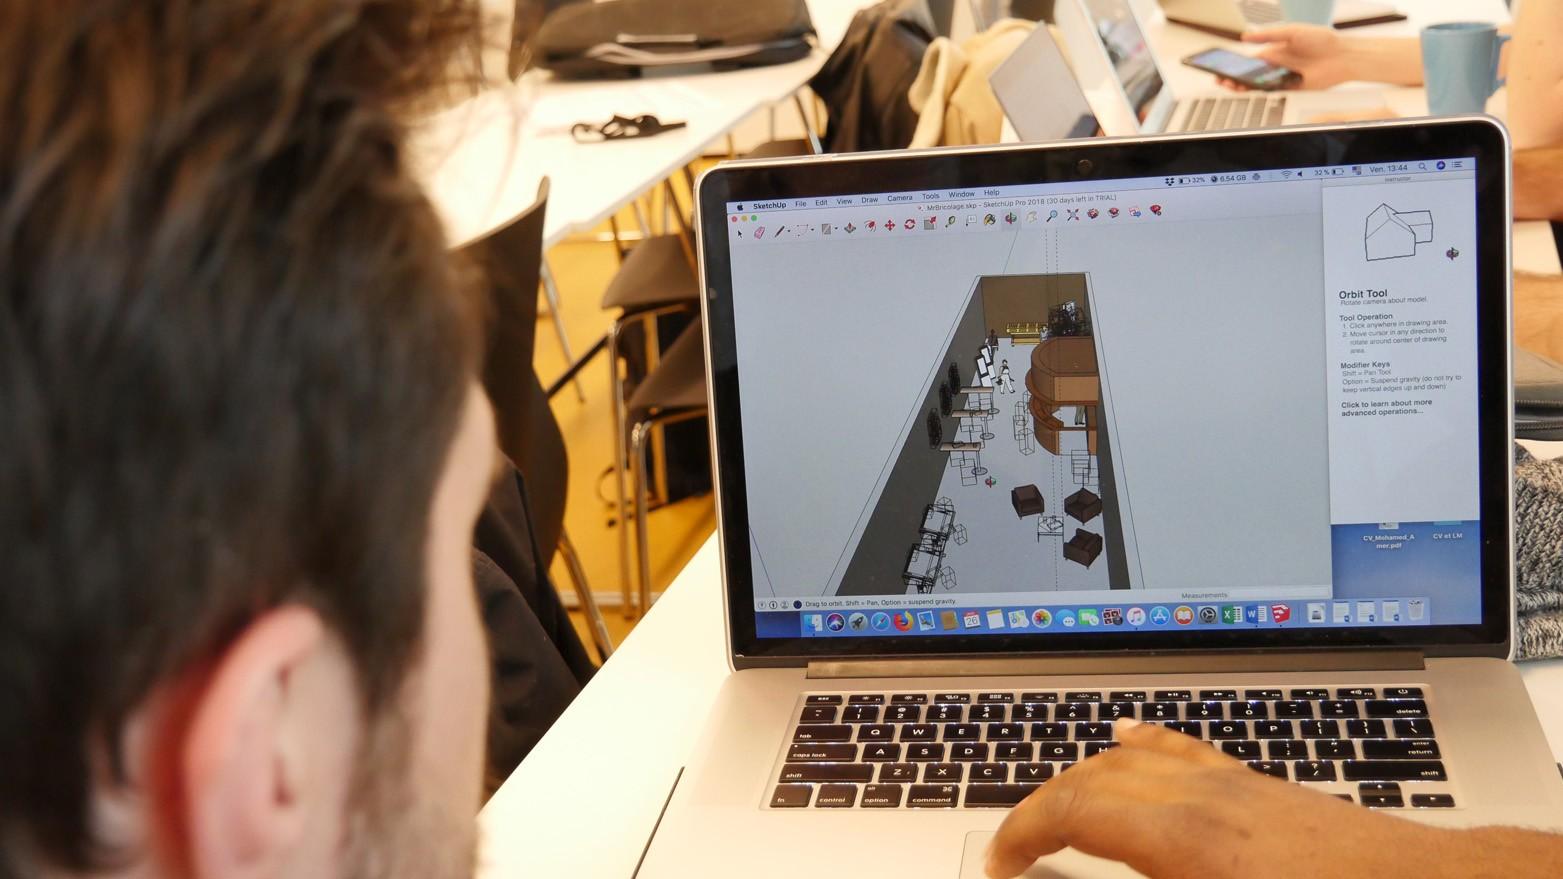 Réalisation d'une pièce en 3D à l'aide d'une solution simple sans coder.